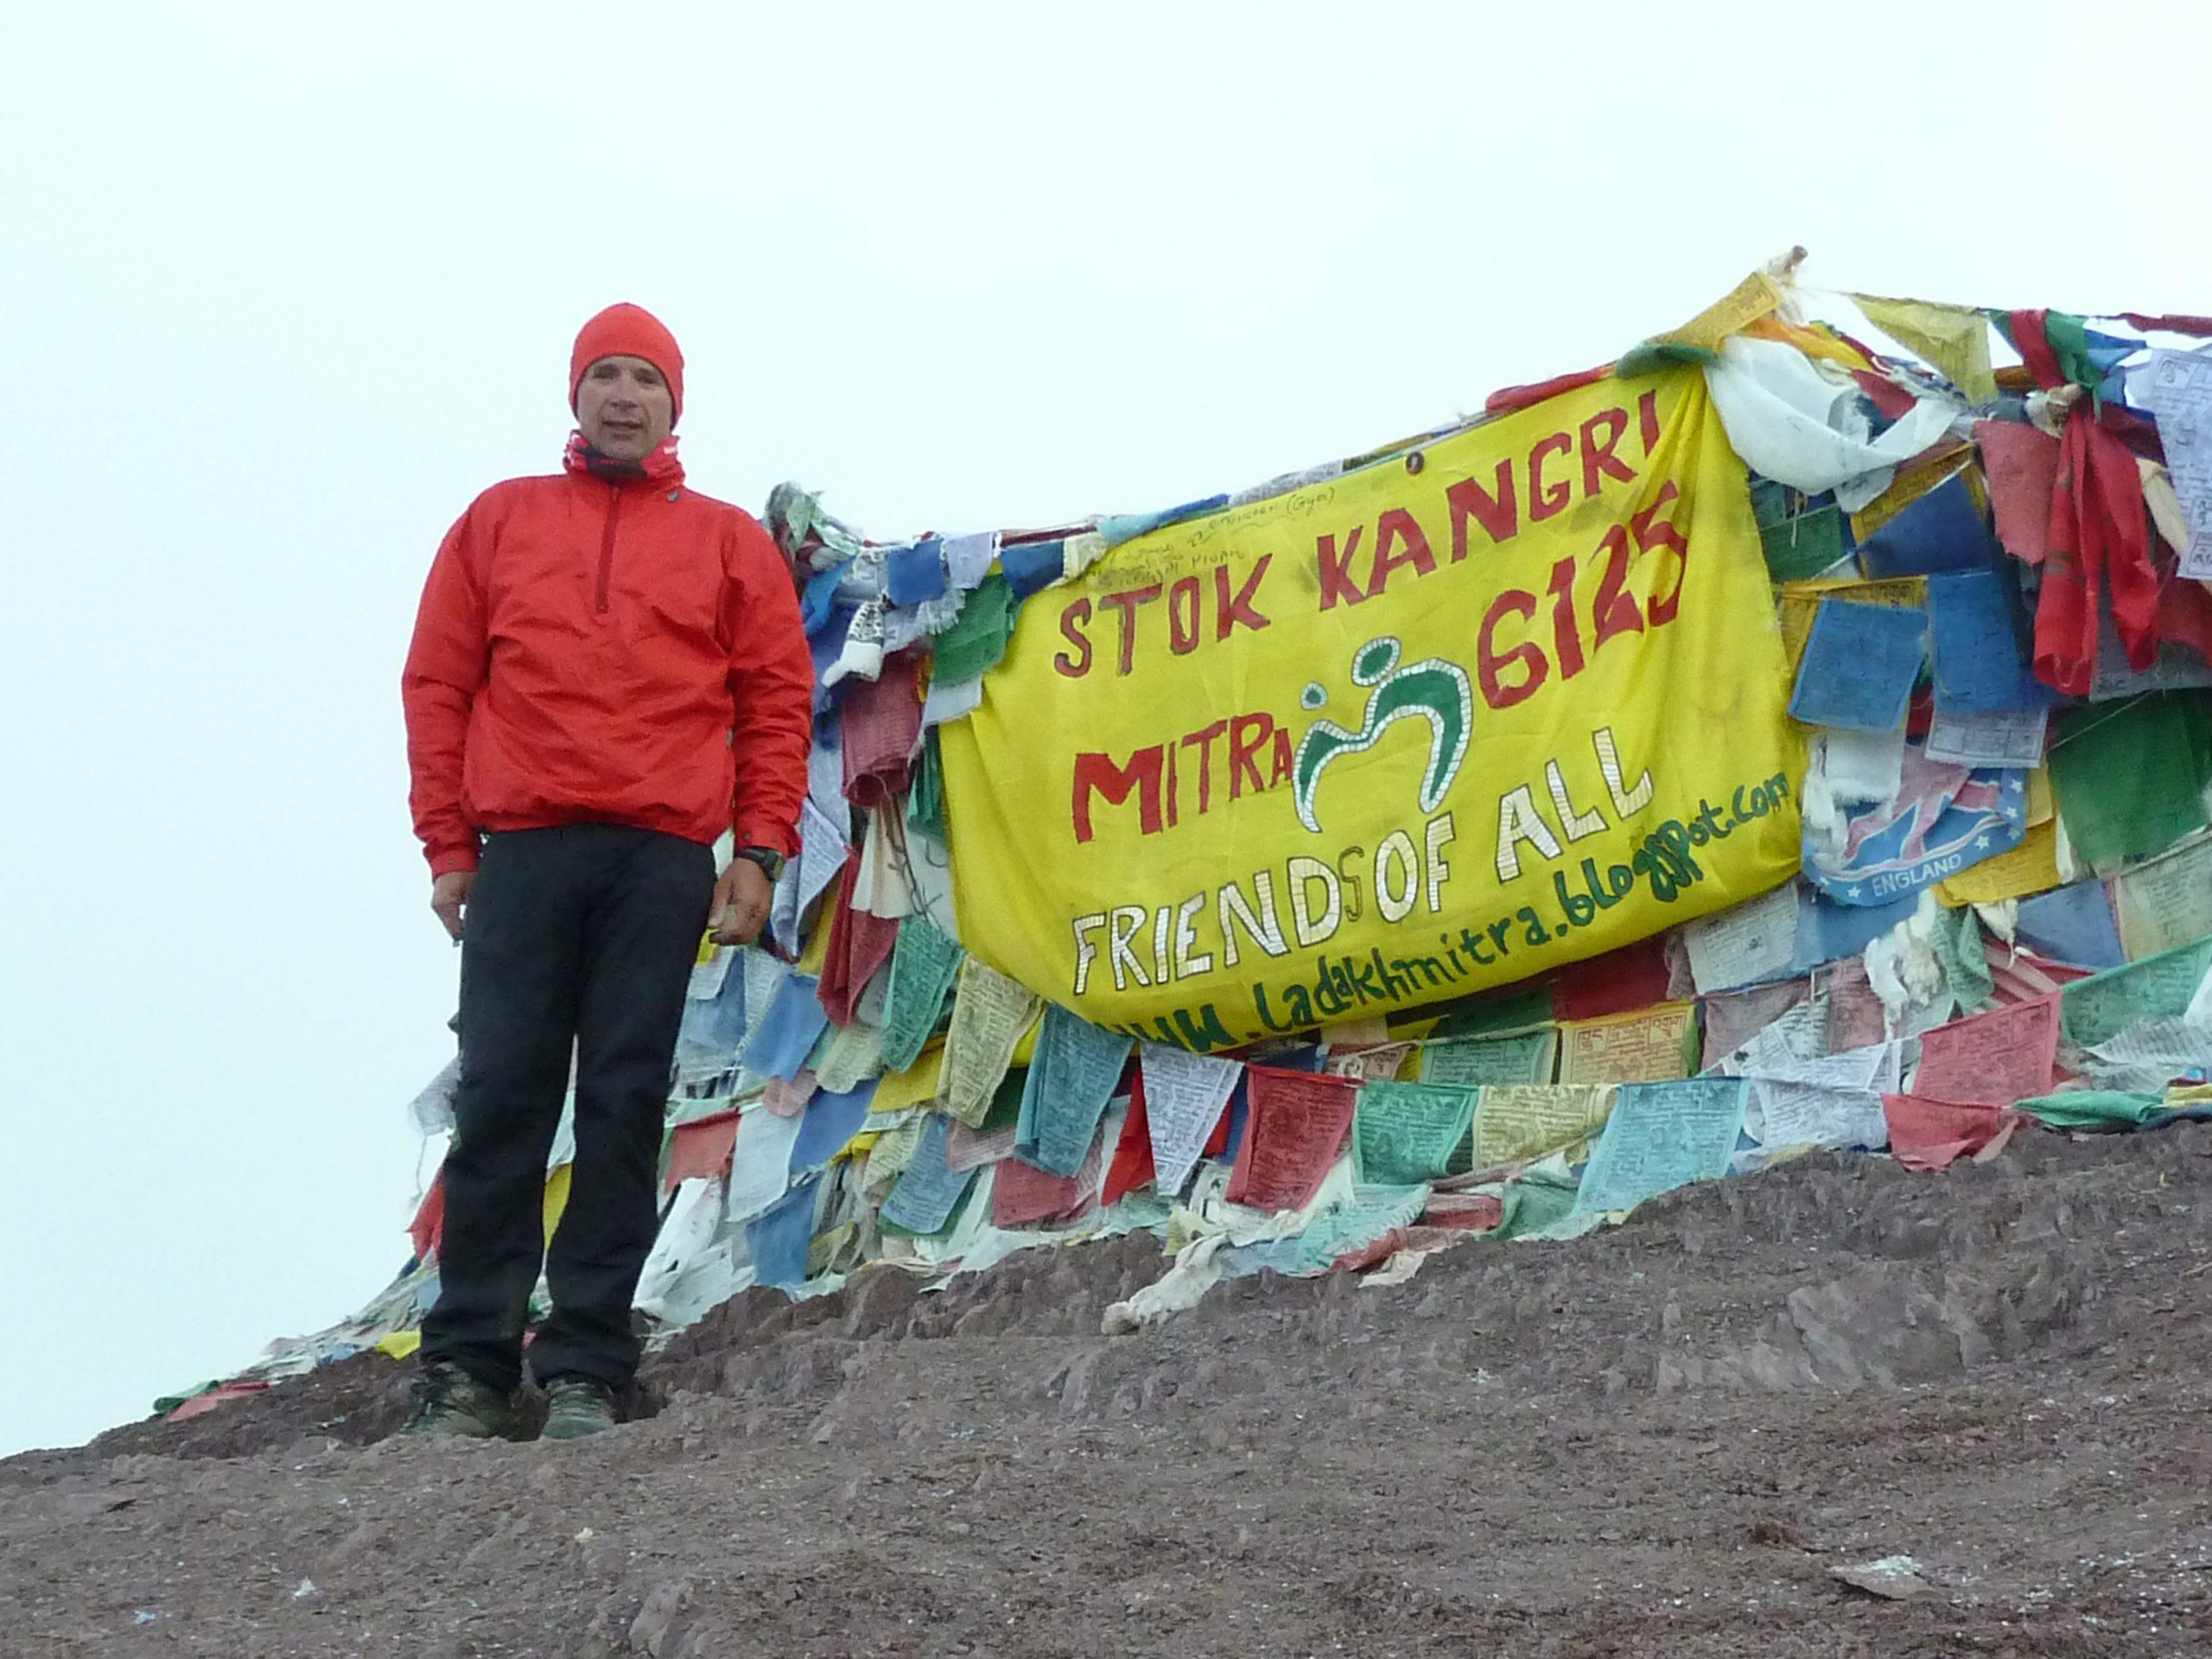 Radreise Ladakh 2012 - Stok-Kangri (6.125m)